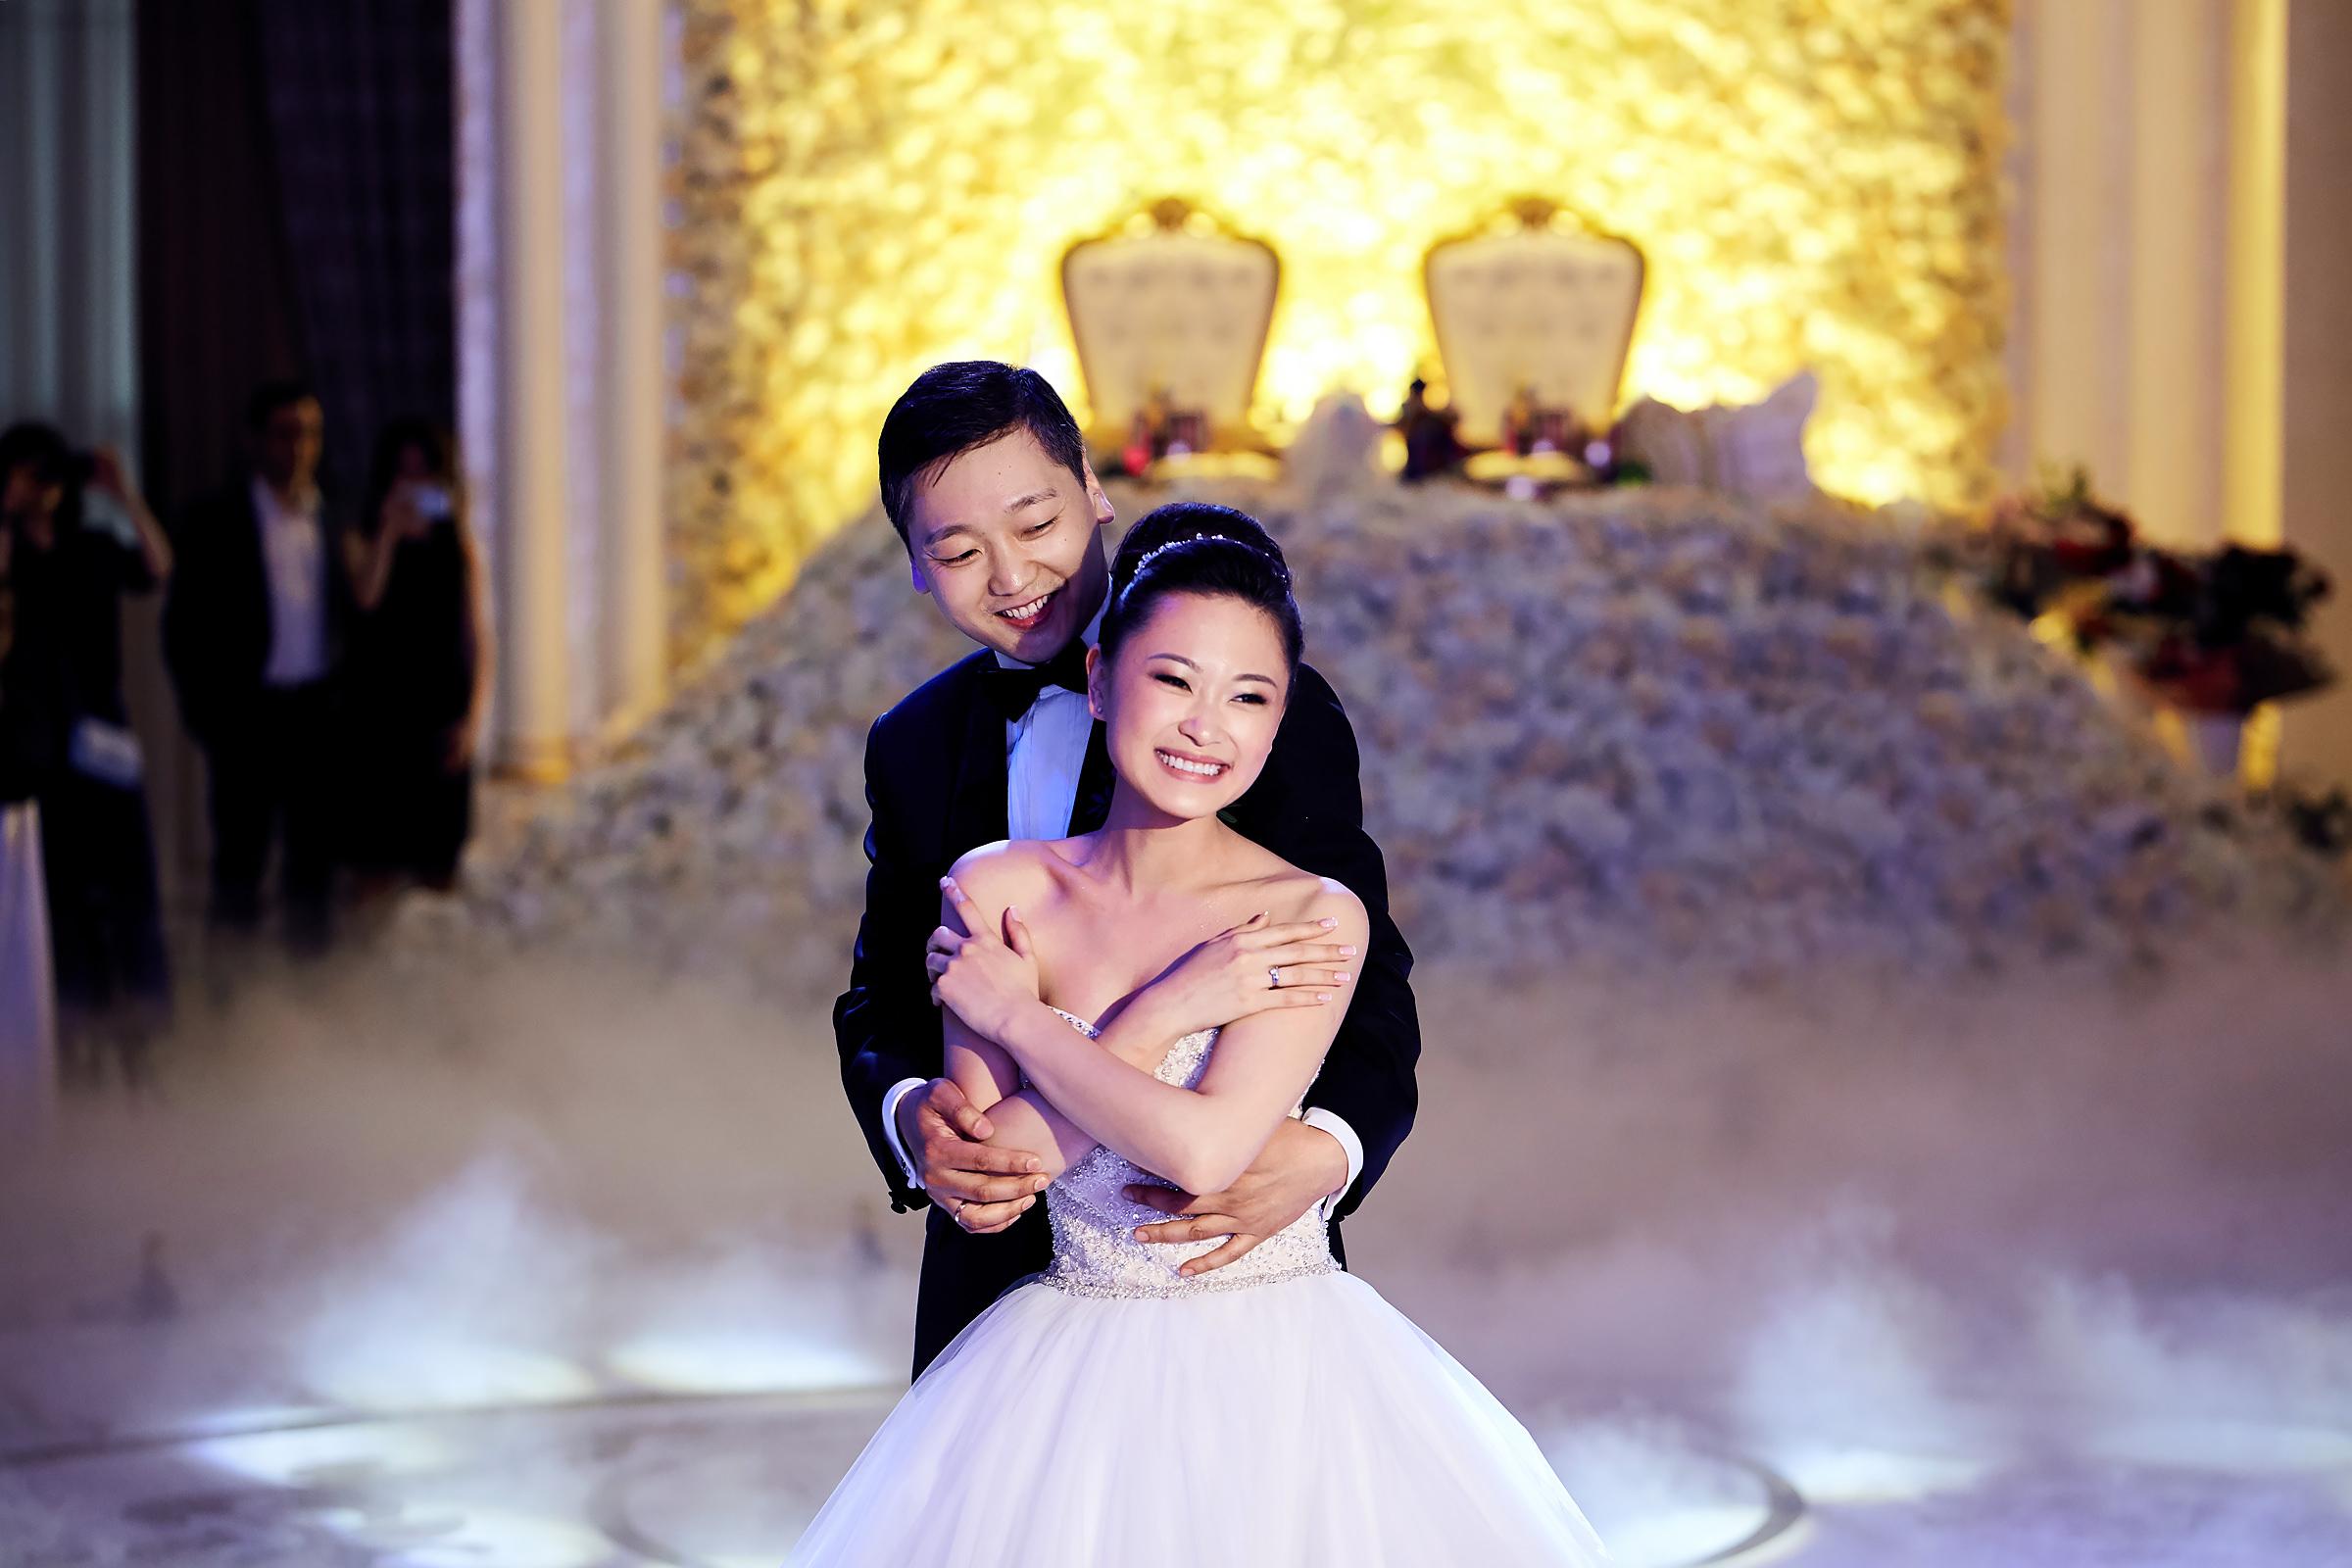 корейца за знакомства замуж